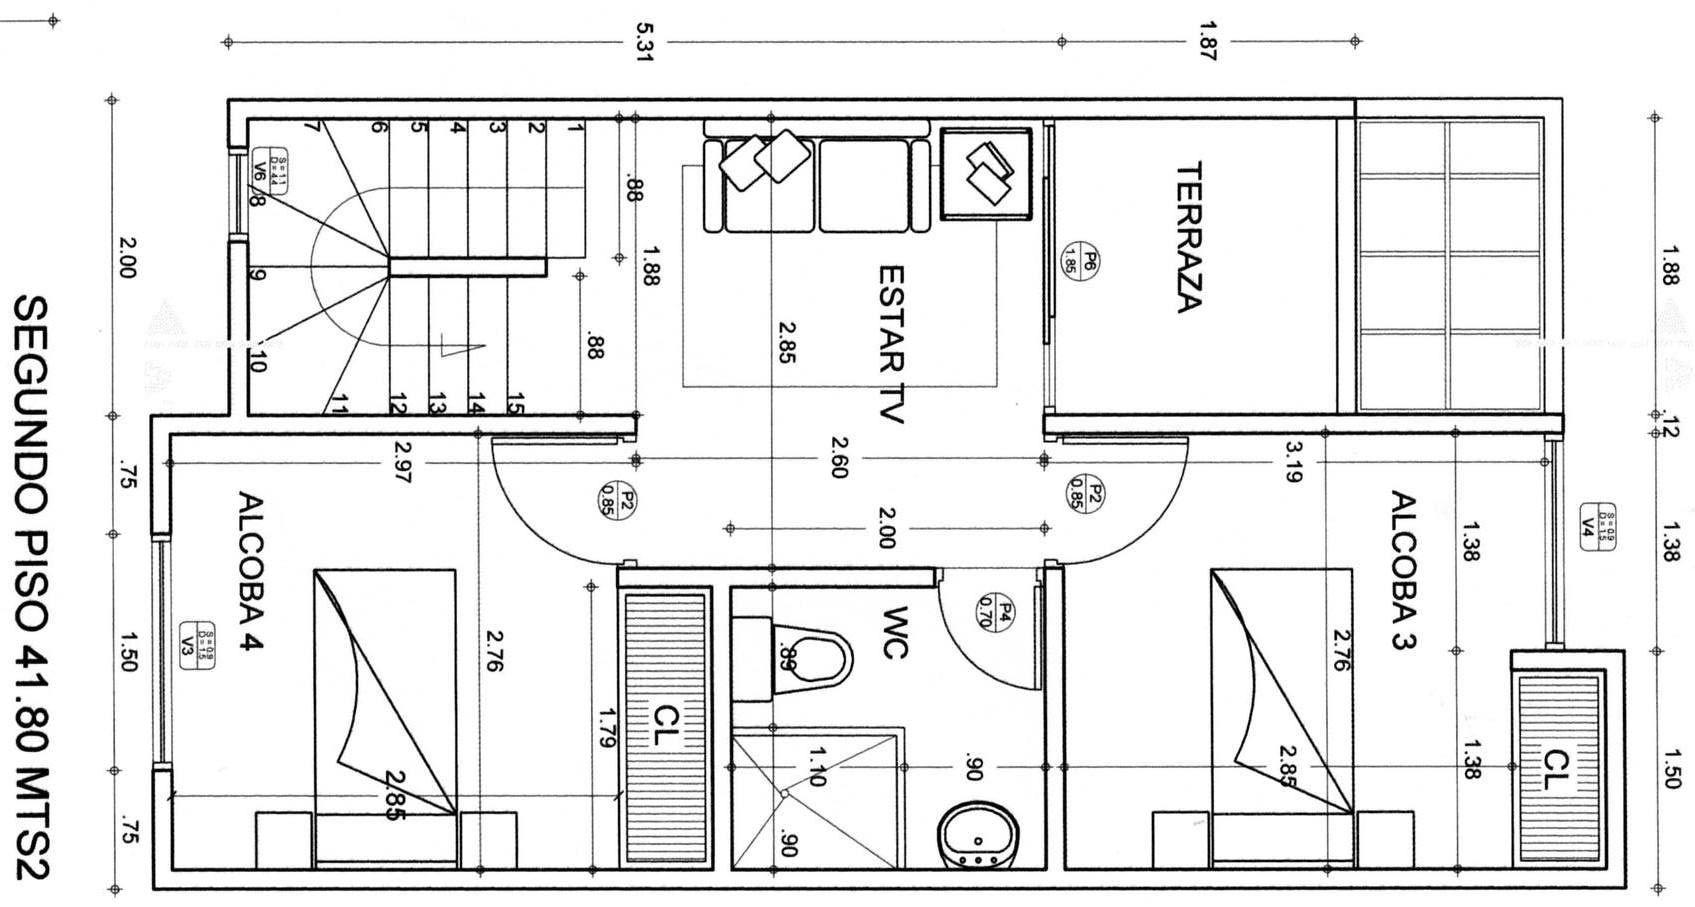 Planos arquitectonicos gratis buscar con google diana for Planos gratis